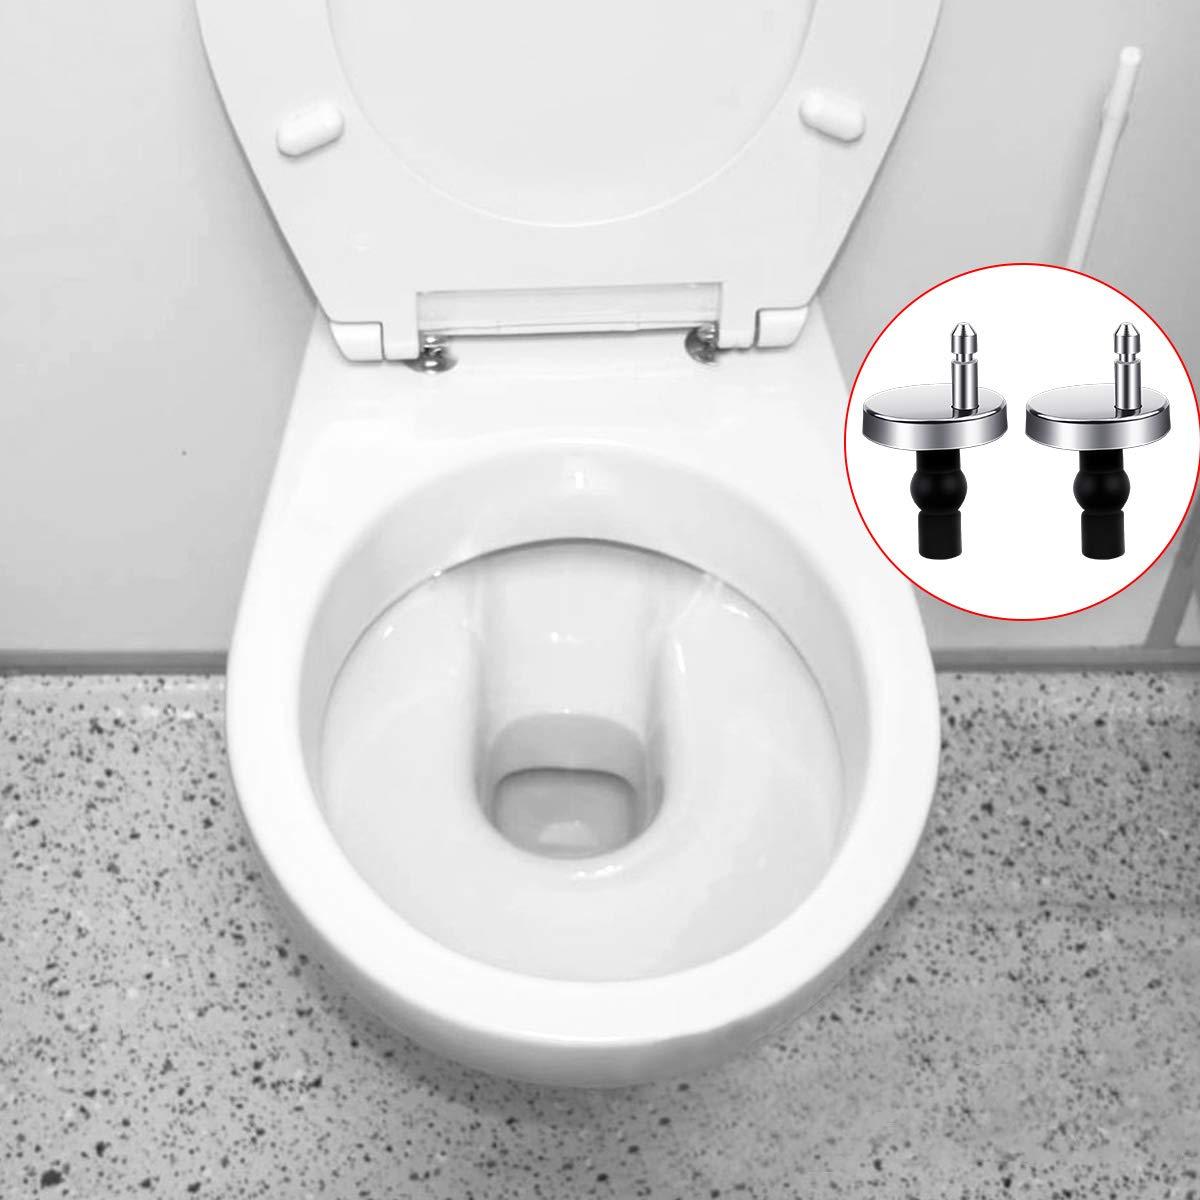 4er-Pack Scharniere f/ür Toilettensitze Schrauben Top Fix Spreizgummi-/Überwurfmuttern Schraube Rutschfestes WC-Sackloch mit 4 Spreizschrauben /…